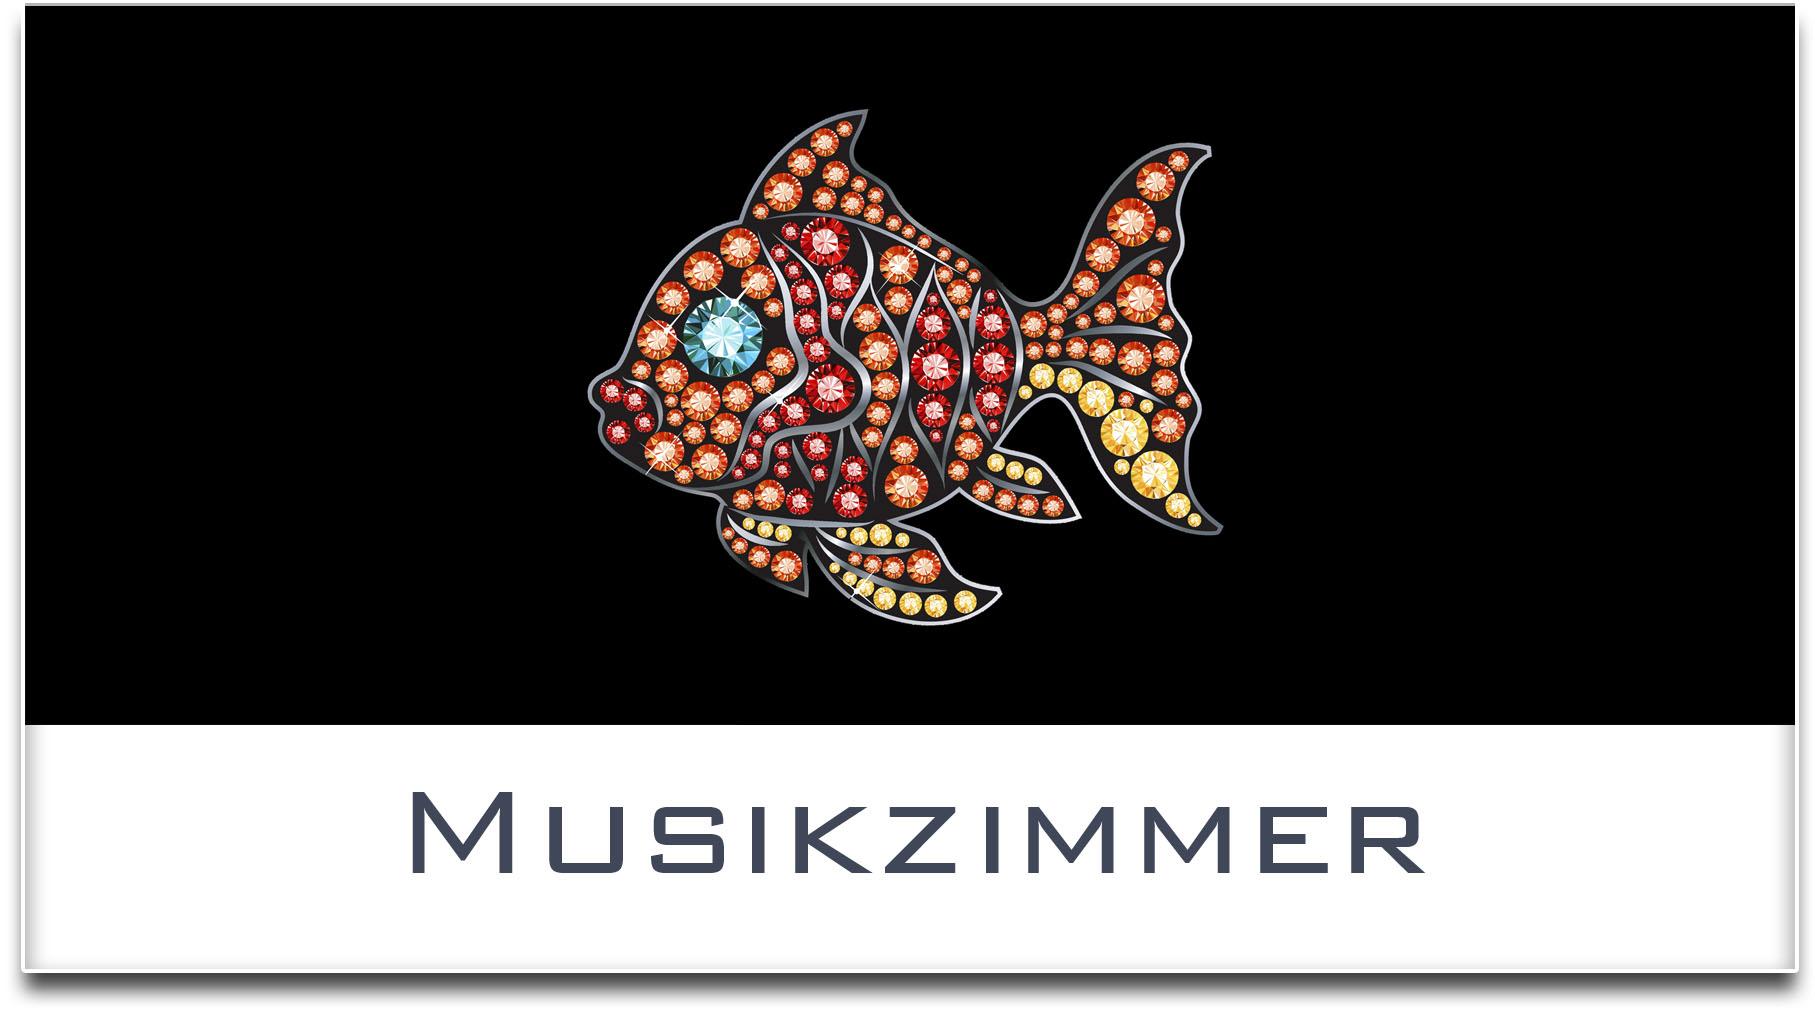 Türschild / Haustürschild / Fisch / Musikzimmer / Selbstklebend